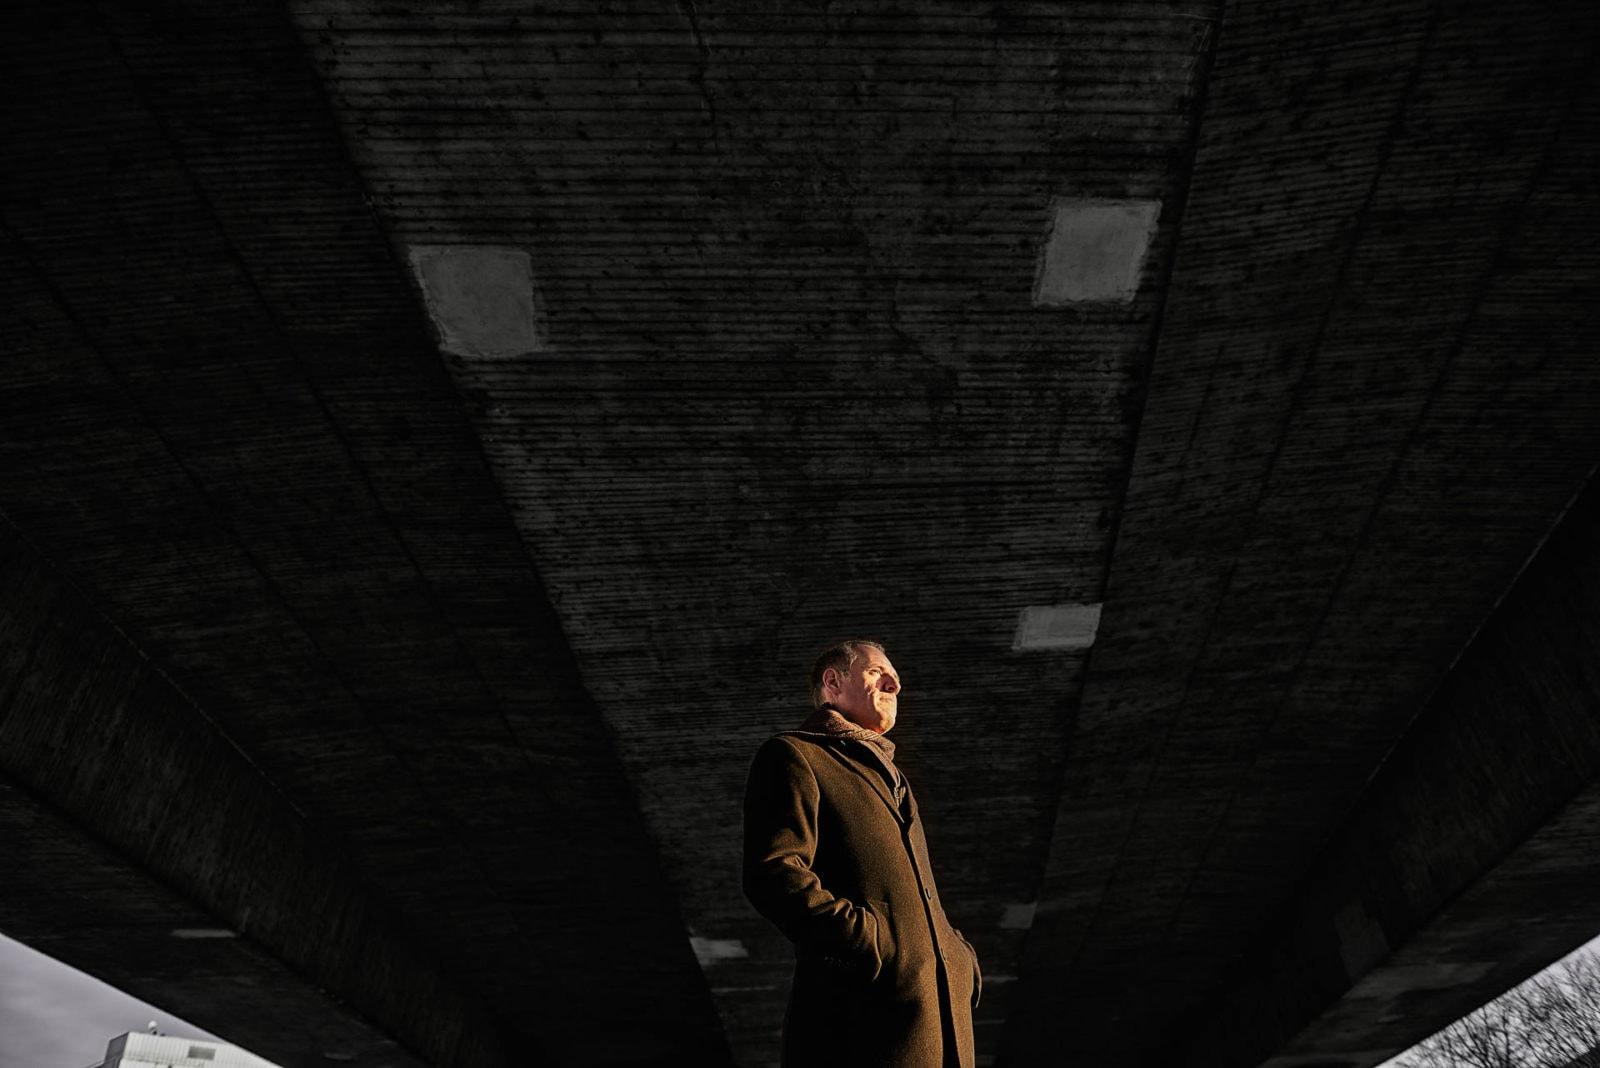 Porträt eines Mannes unter einer Brücke Sonnenuntergang Abend